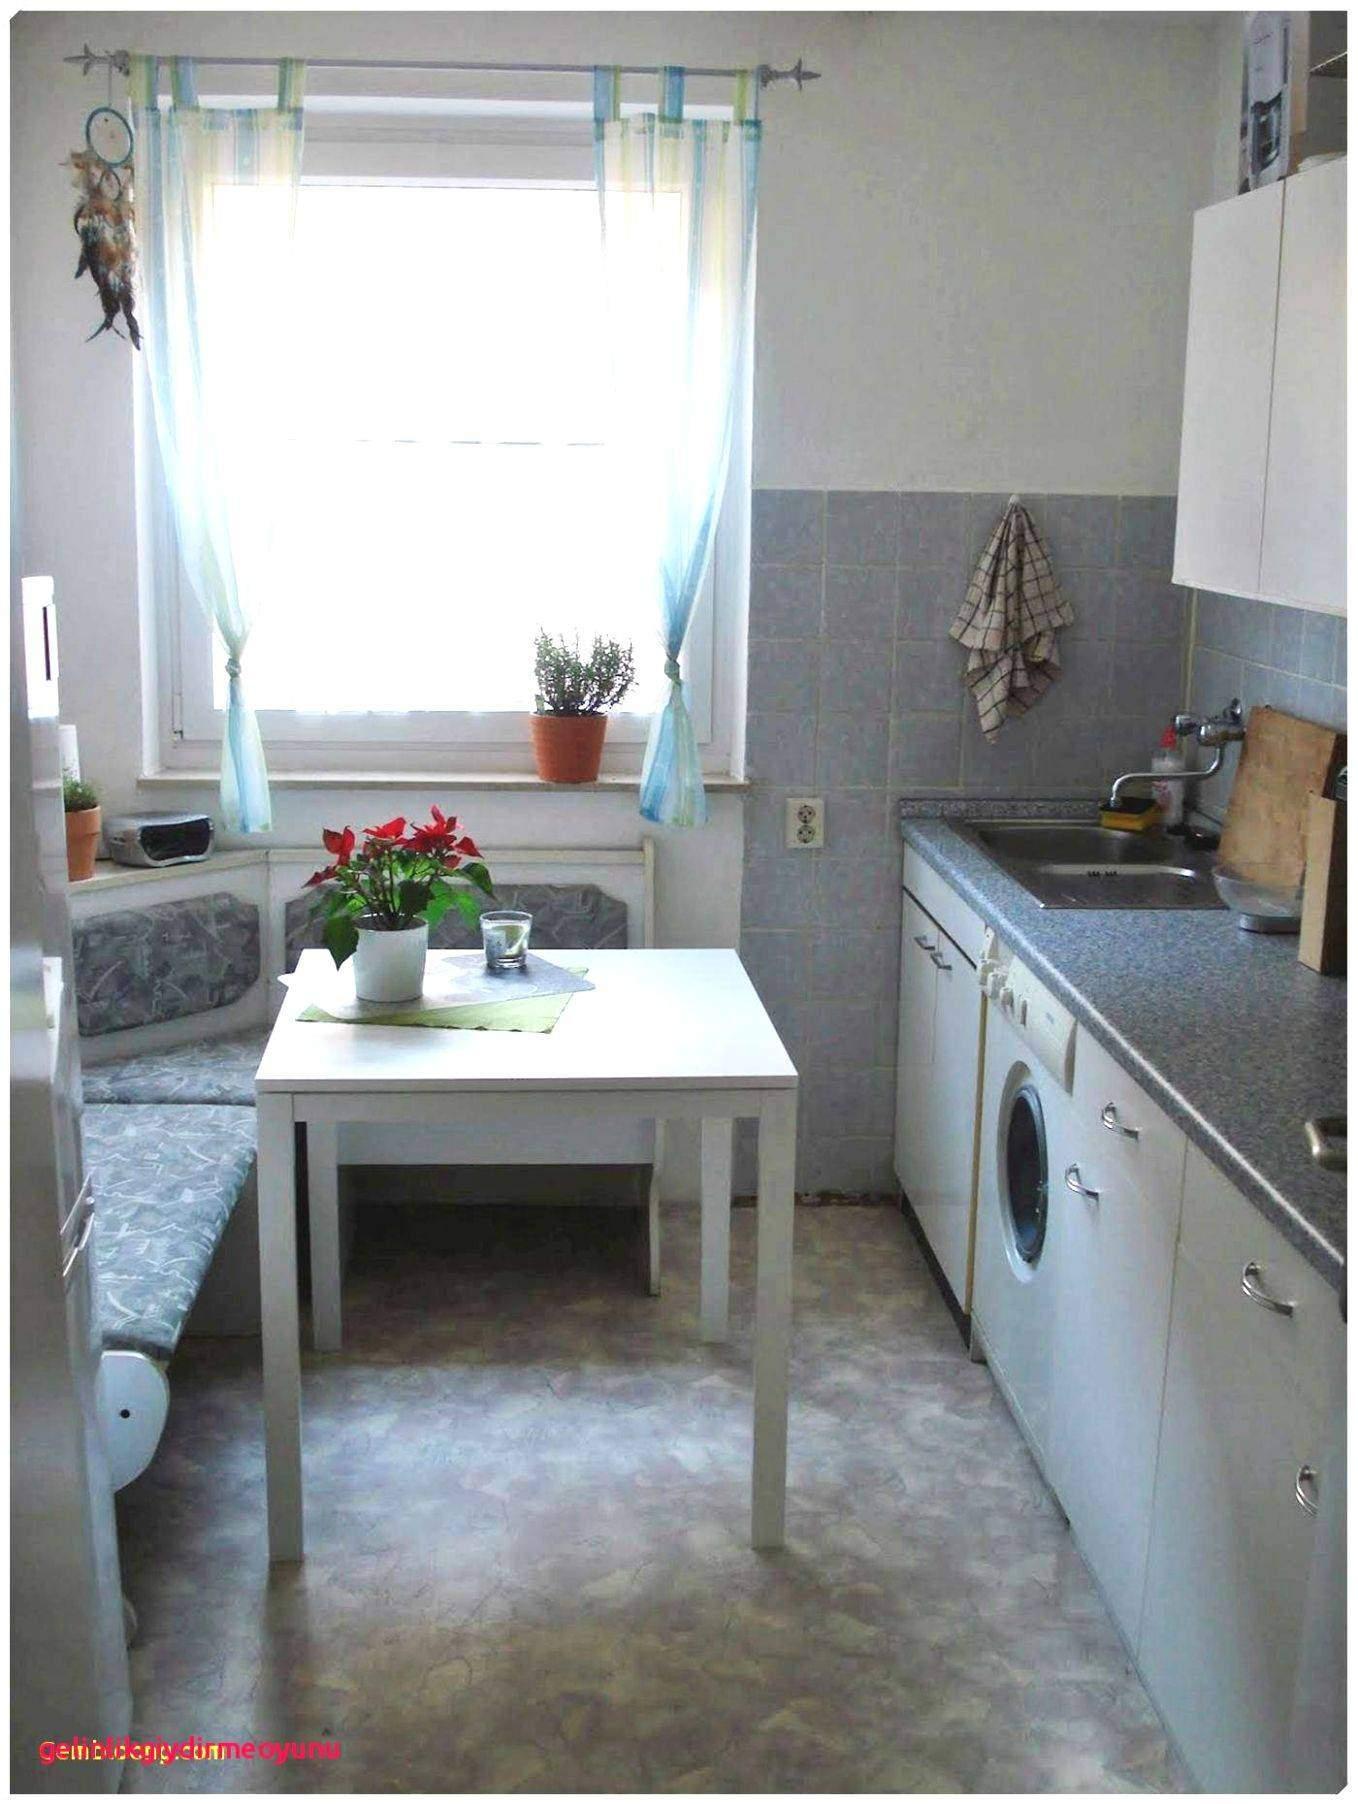 Deko Ideen Für Den Garten Neu 26 Neu Wohnzimmer Ideen Für Kleine Räume Frisch